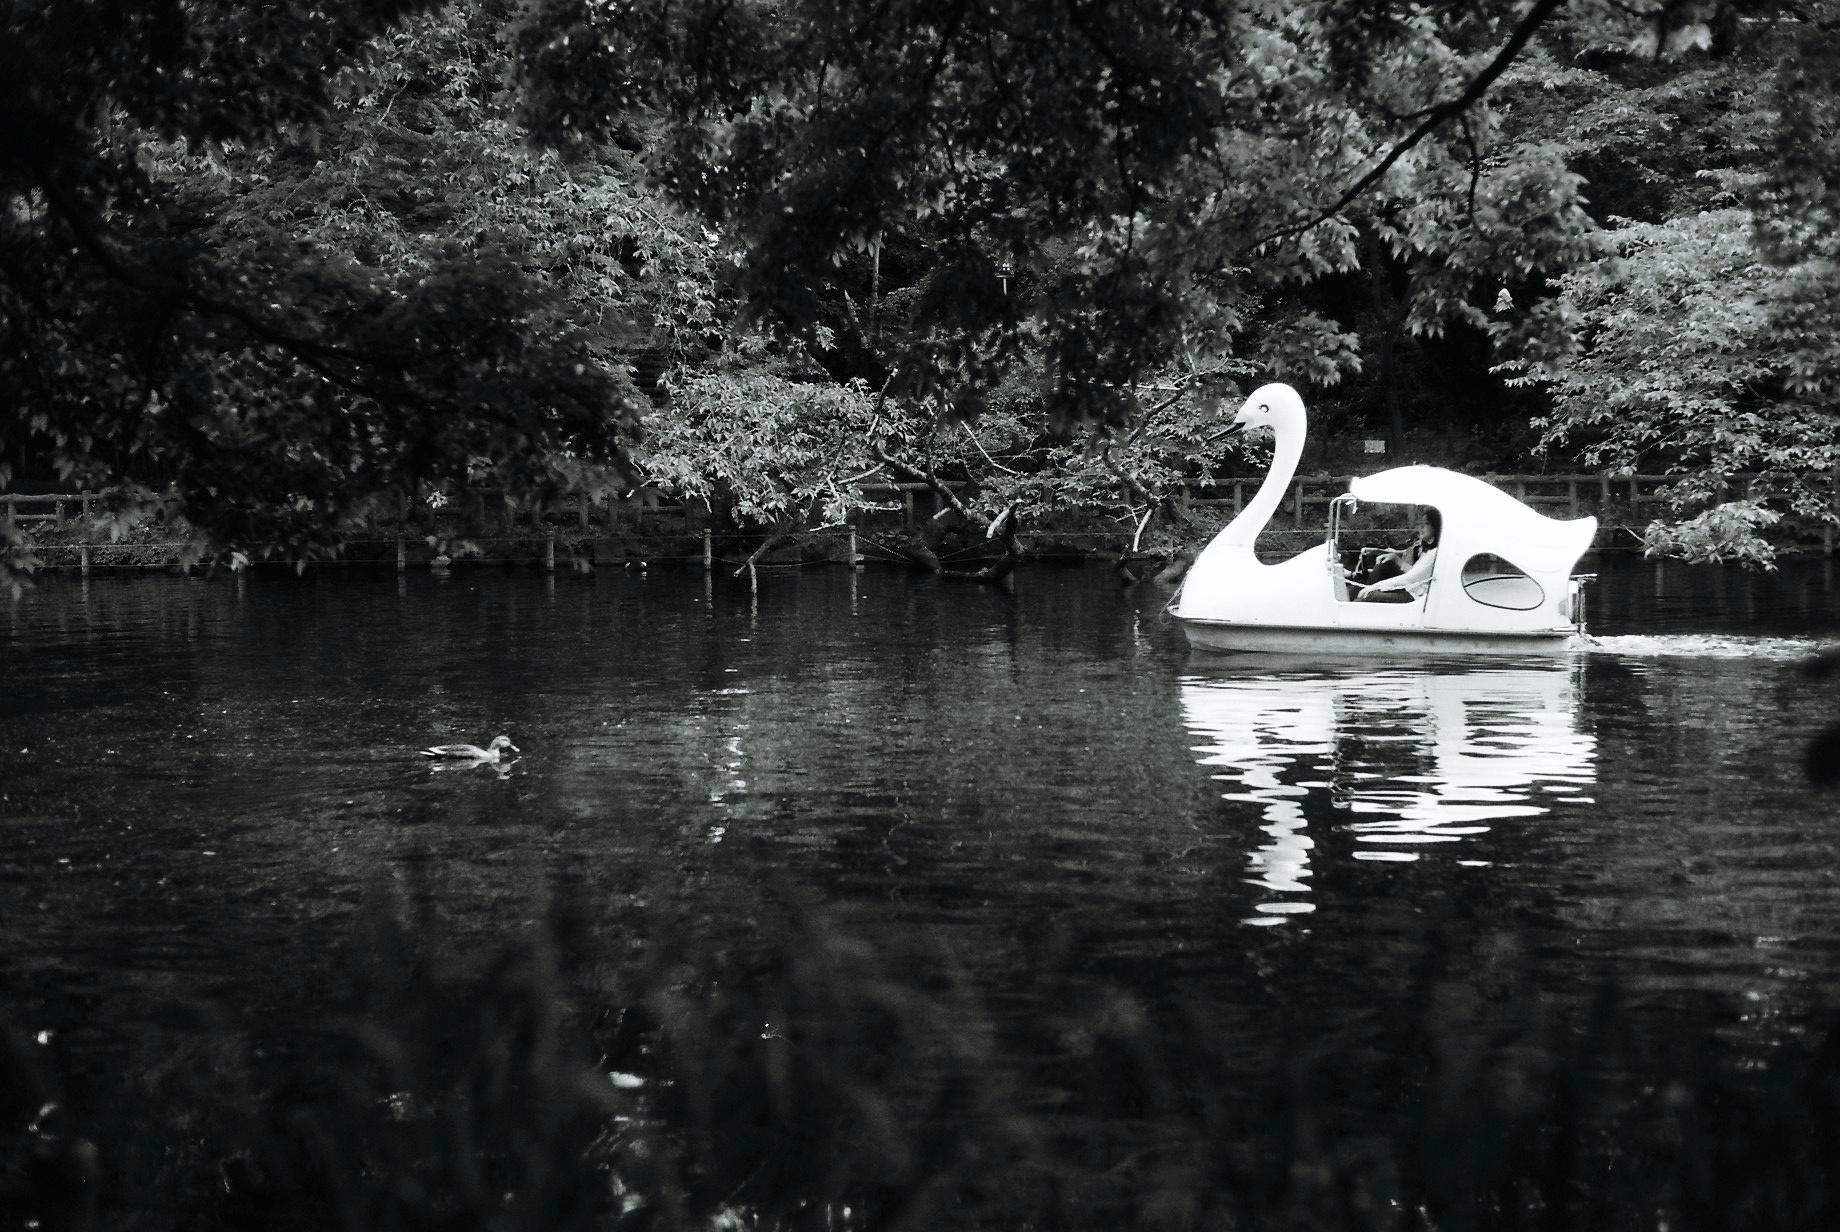 Swan, Inokashira Park, Kichijoji. May, 2016